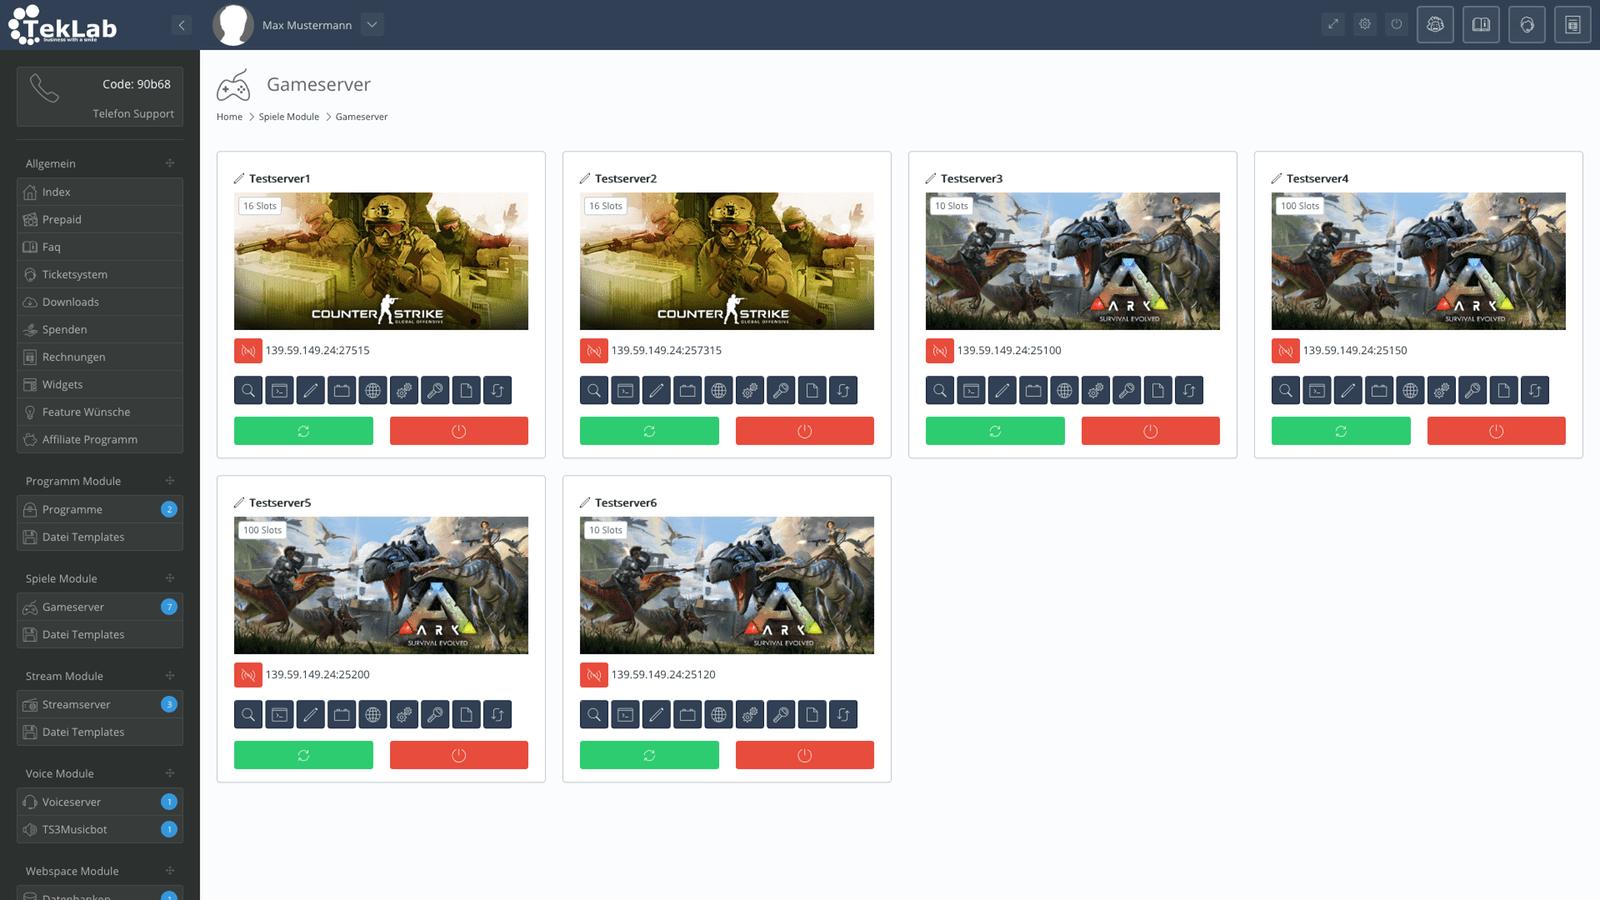 TekBASE Kundenbereich - Gameserver